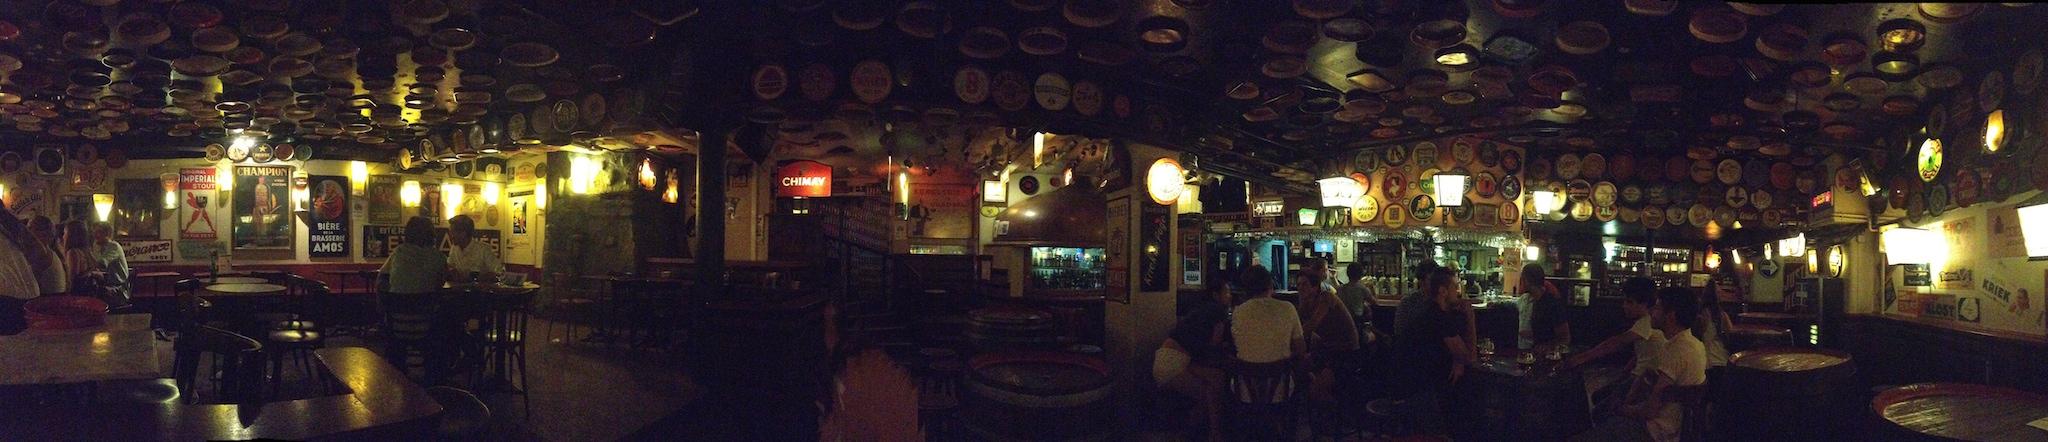 Delirium Café Bélgica 360º